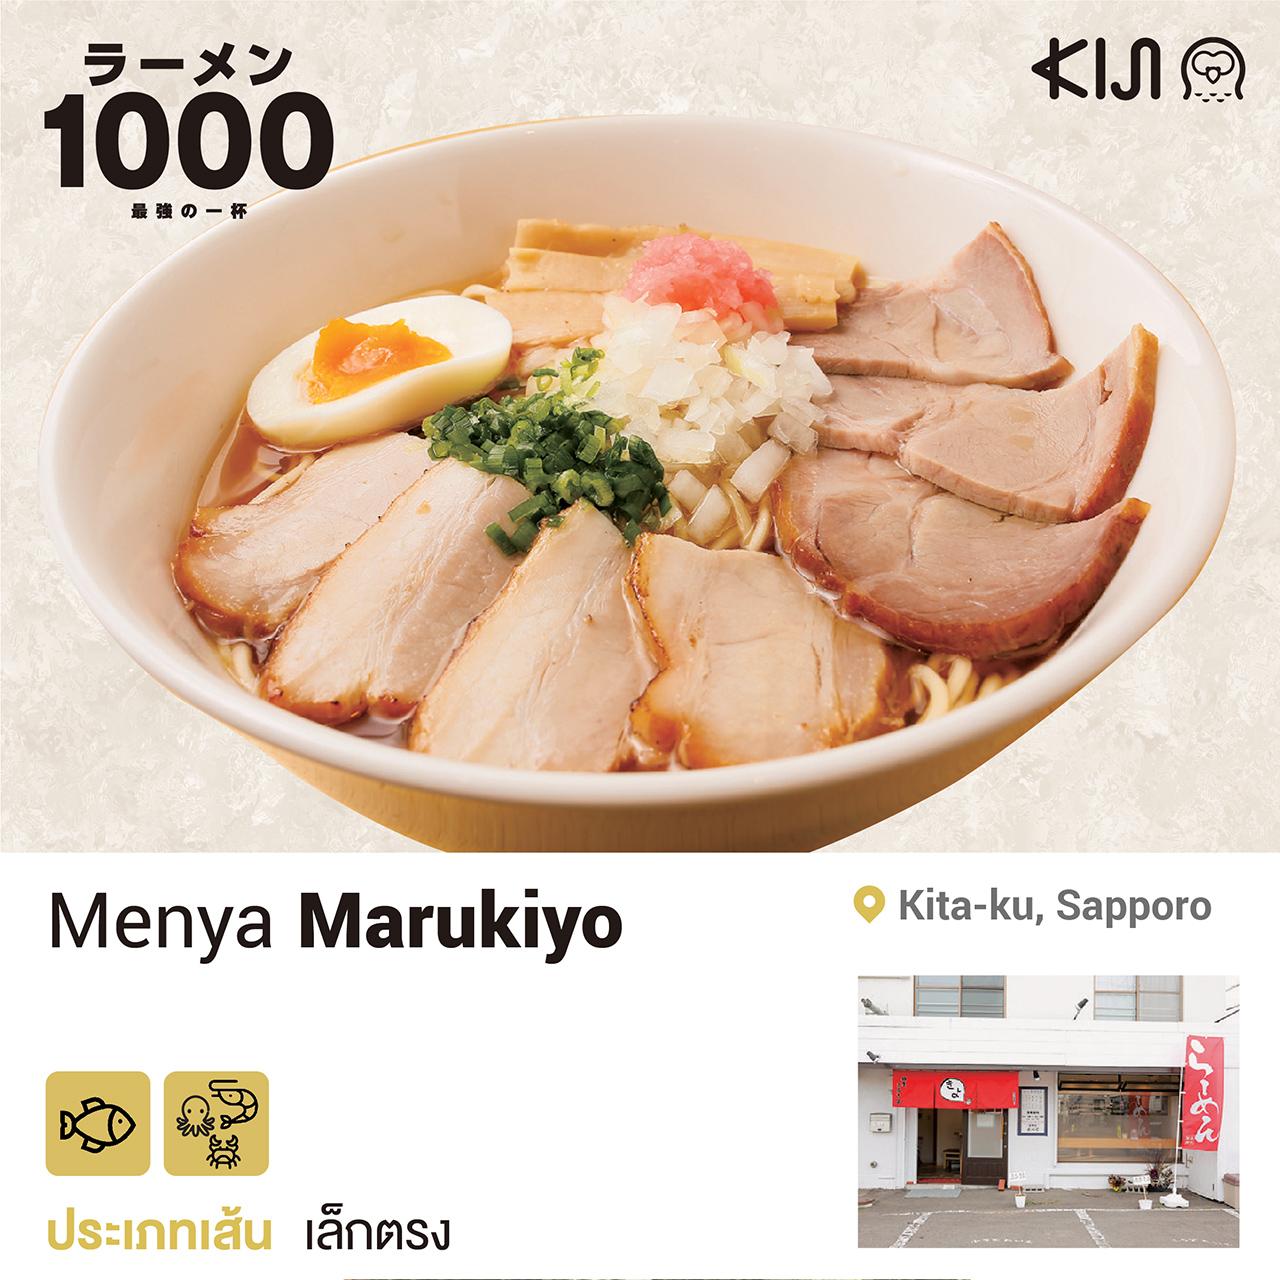 ร้านราเมน เขตคิตะ เมืองซัปโปโร จ.ฮอกไกโด - Menya Marukiyo